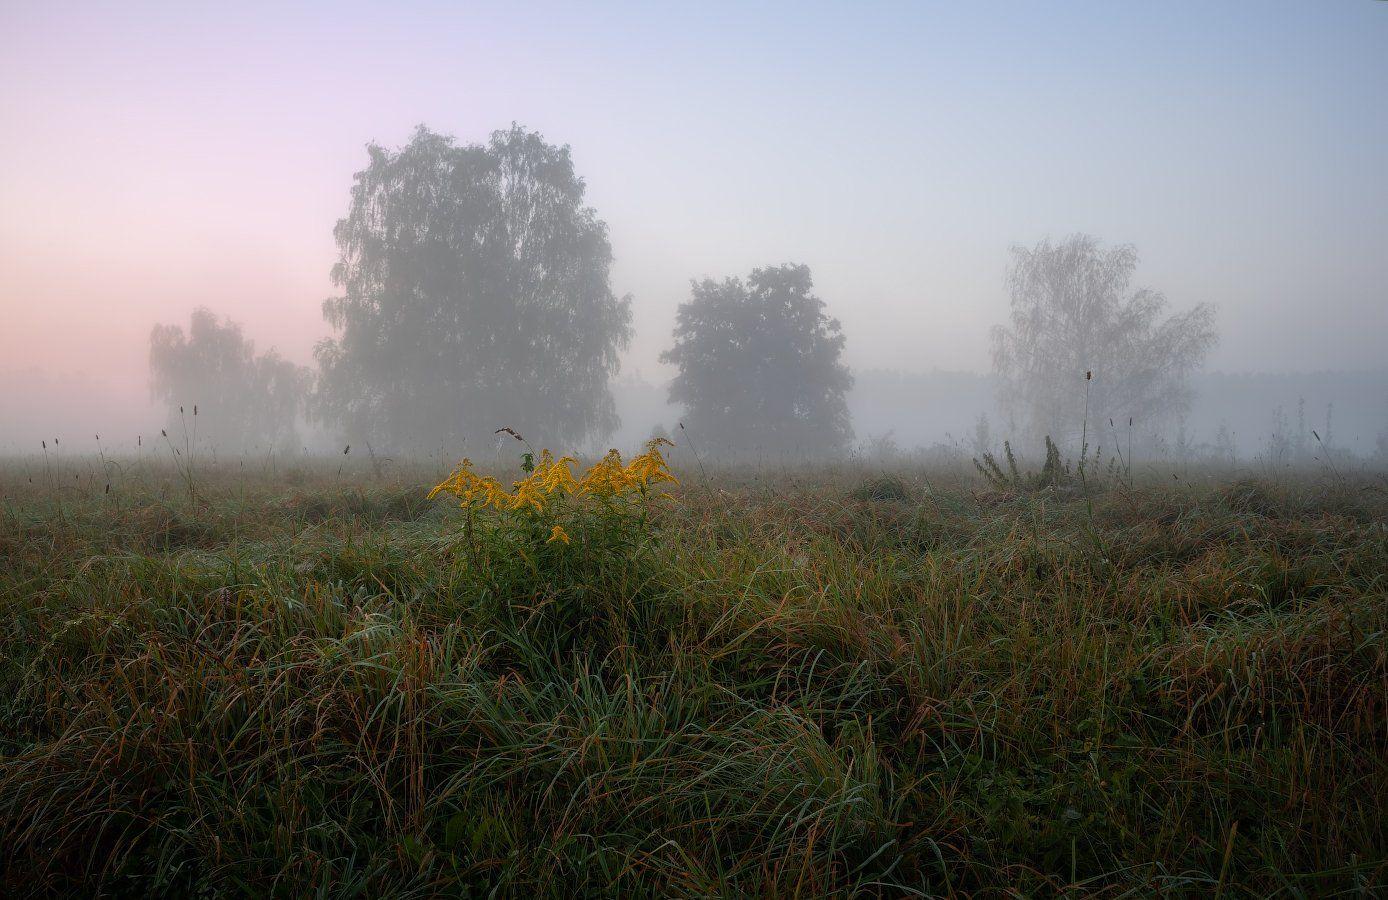 рассвет, туман, поле, деревья,, Сергей Шабуневич